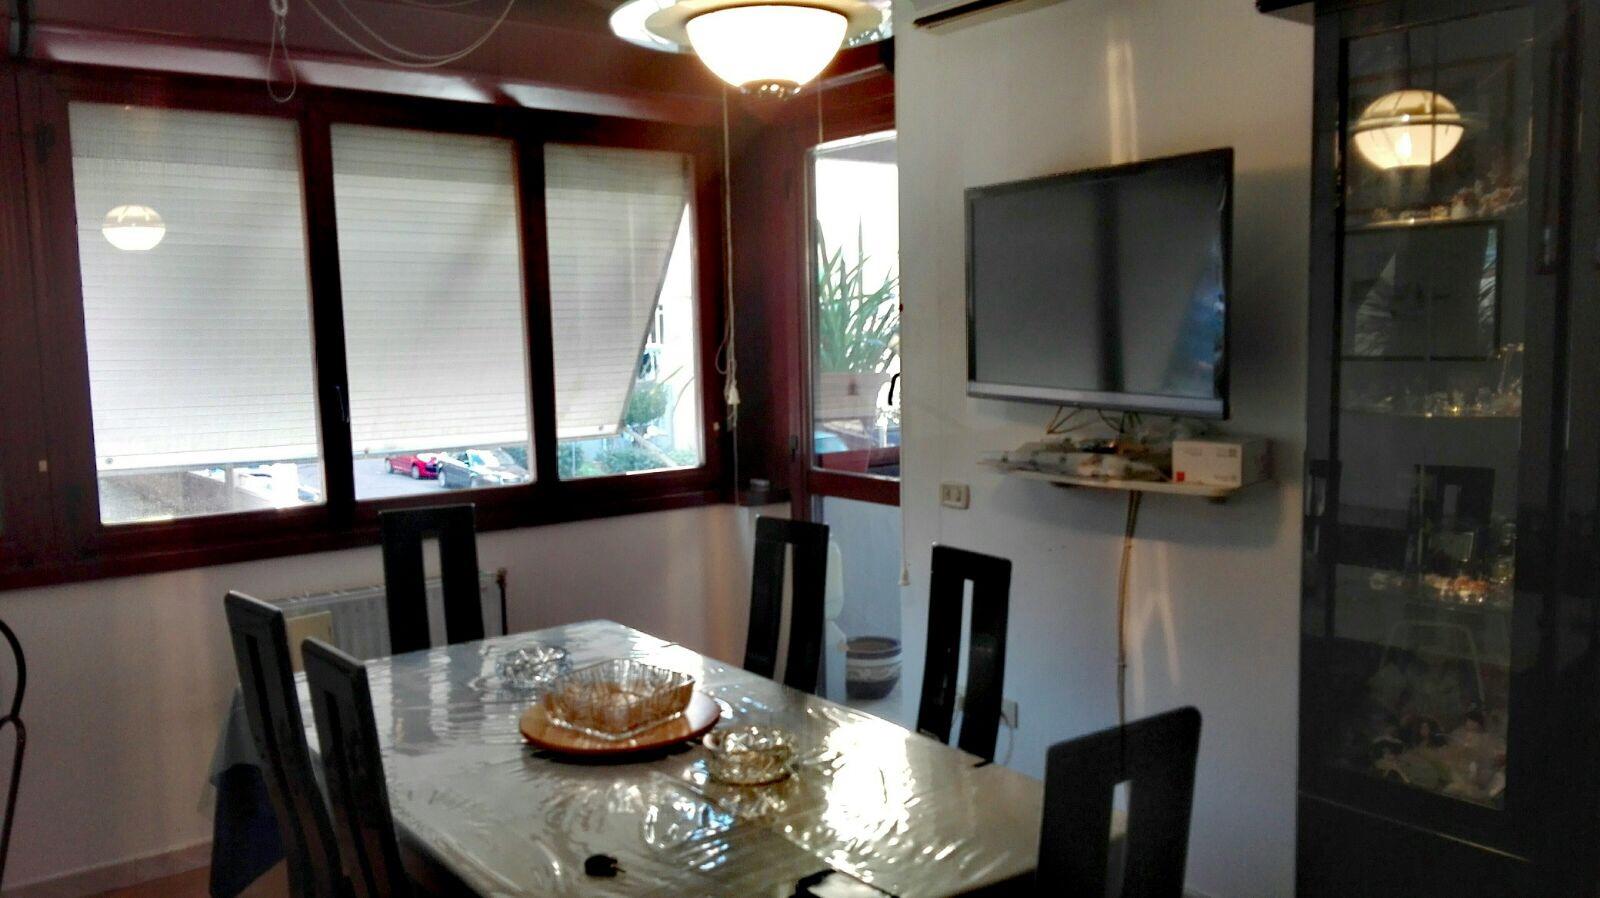 Appartamento in vendita a Guidonia Montecelio, 3 locali, zona Località: ColleFiorito, prezzo € 130.000   Cambio Casa.it